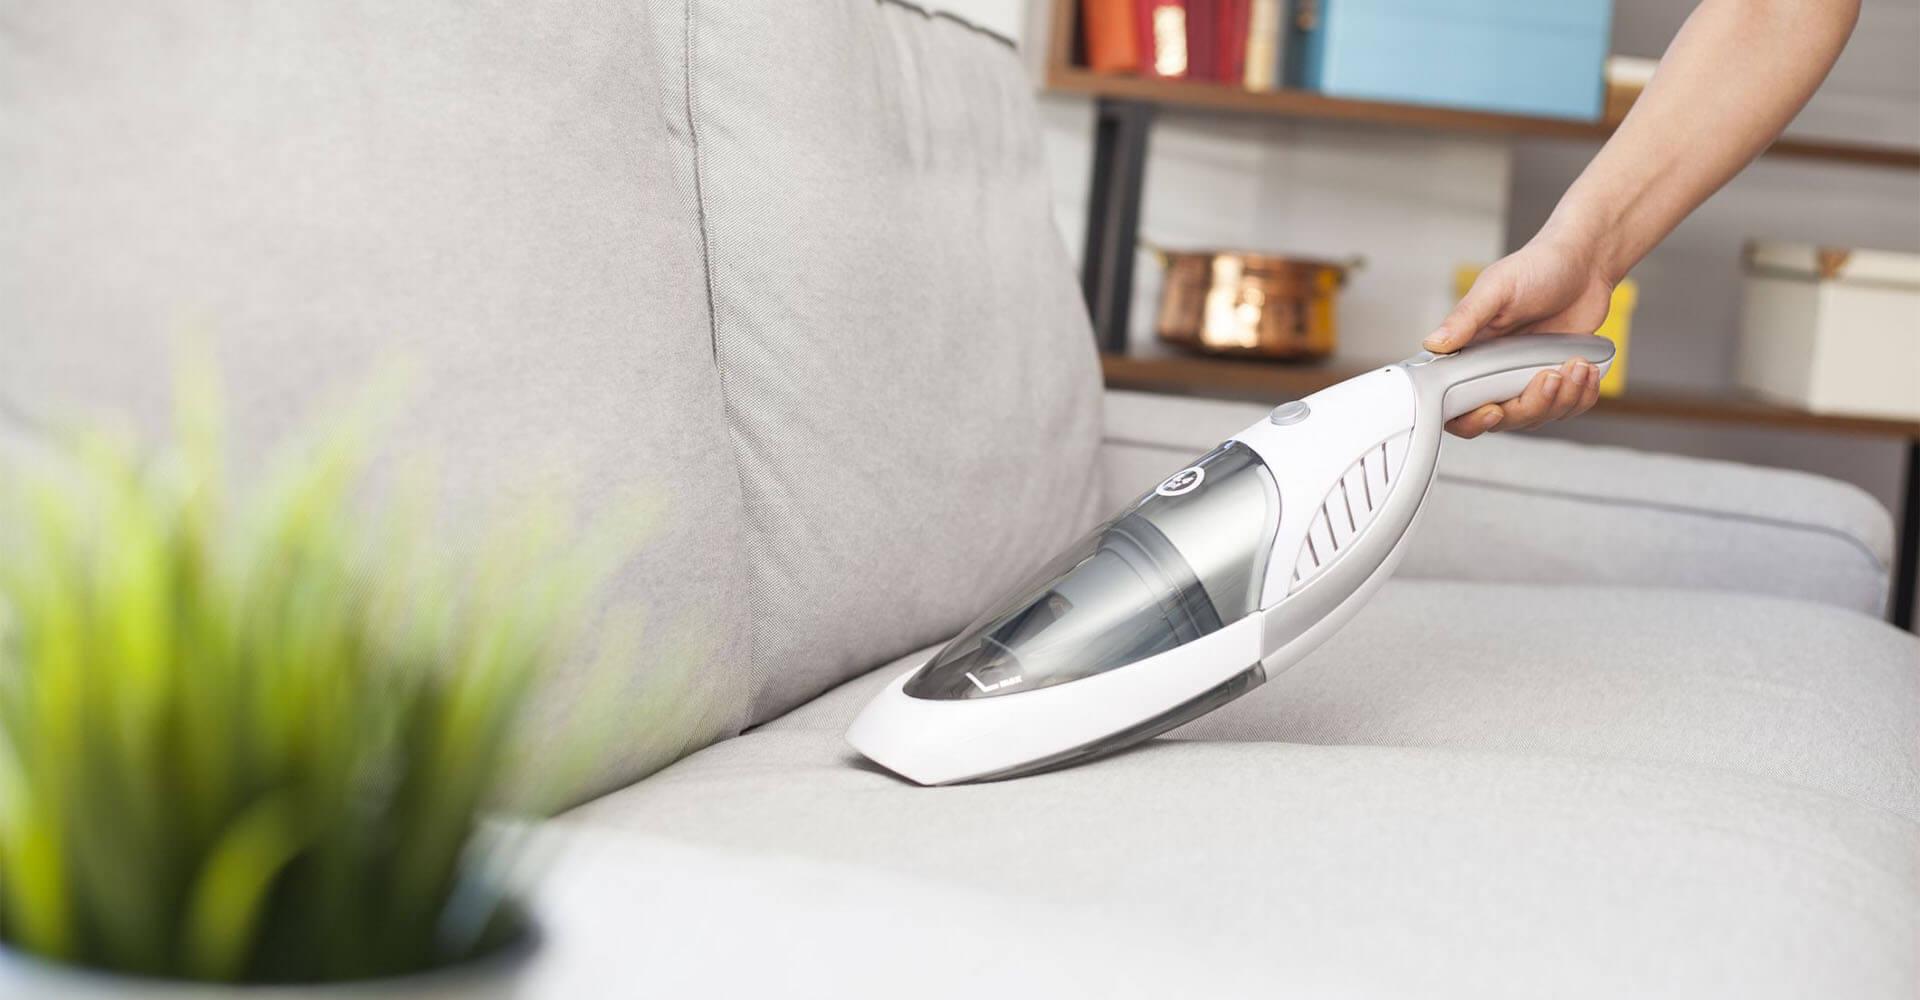 Handstaubsauger auf Wohnzimmer-Couch